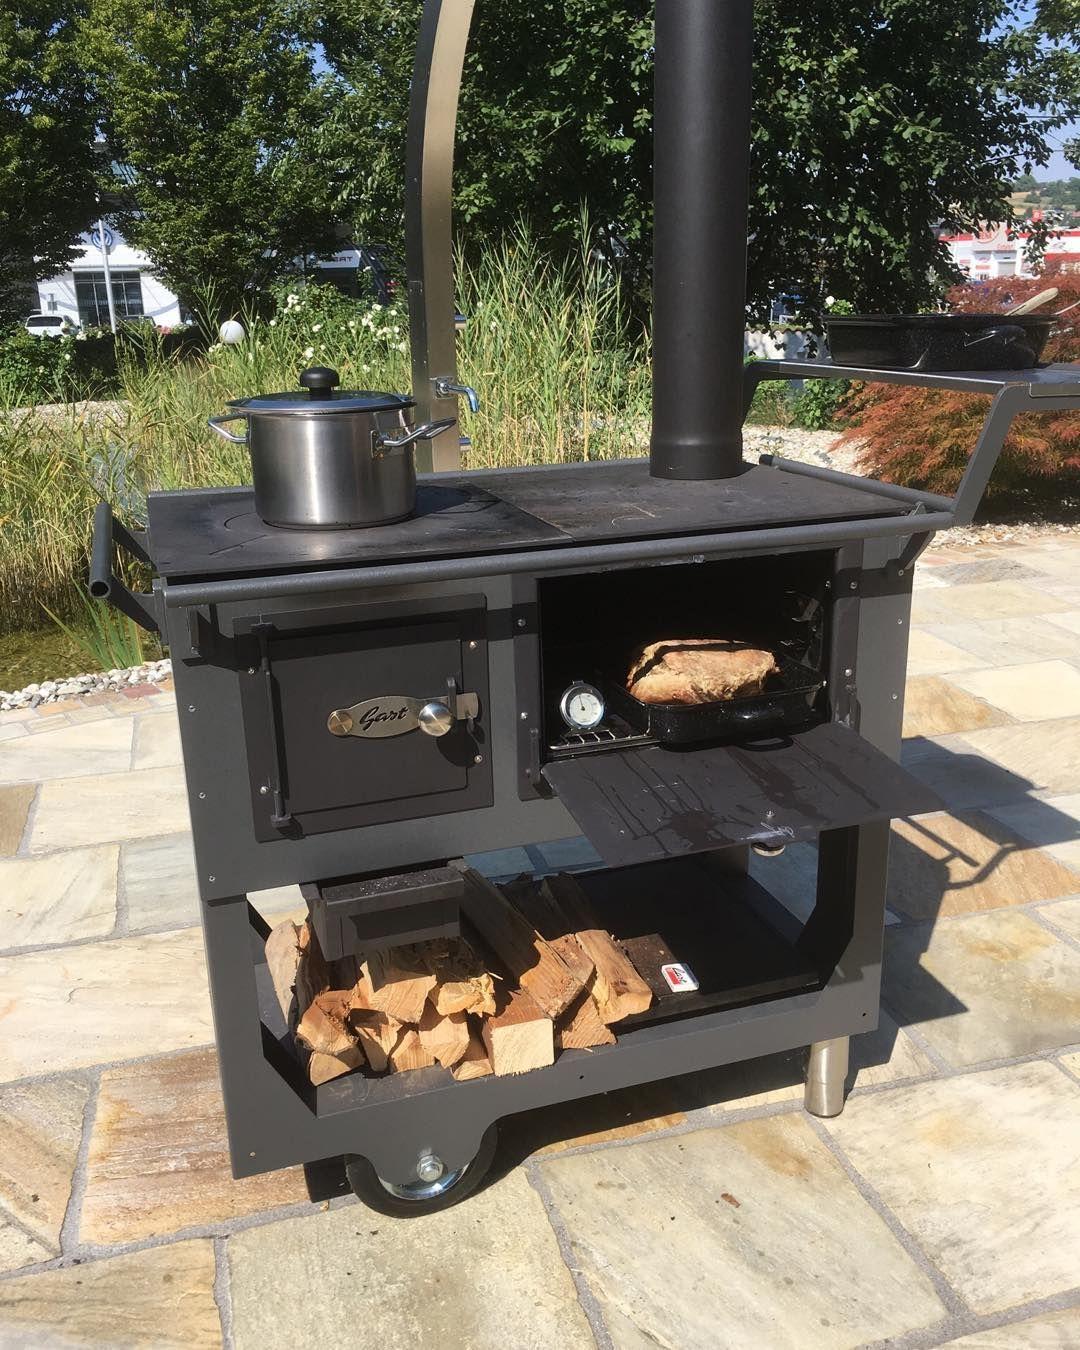 Outdoor Cooking Draussen Kochen Gartenofen Feuerstelle Garten Kuchenofen